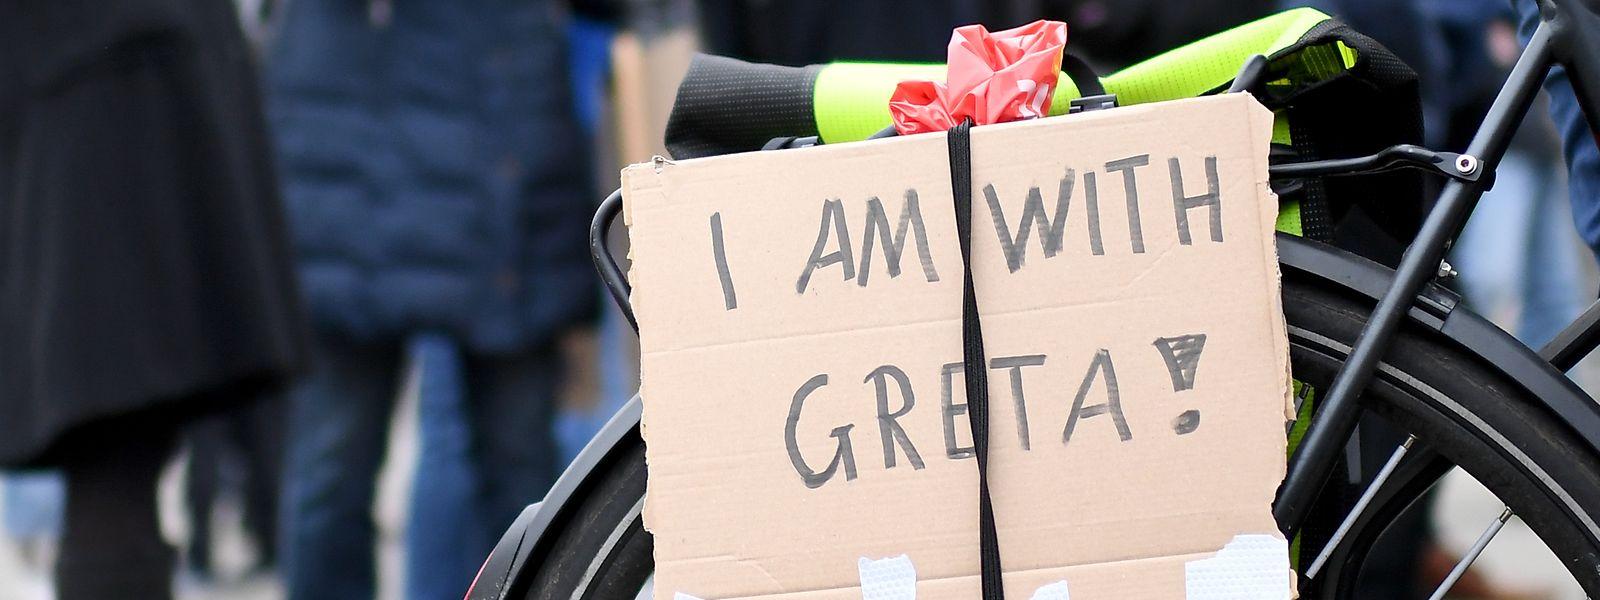 """Ein Schüler protestiert mit einem Schild mit der Aufschrift """"I am with Greta"""", in Anspielung auf die schwedische Klimaaktivistin Greta Thunberg auf einer Demonstration für den Klimaschutz in Hamburg."""